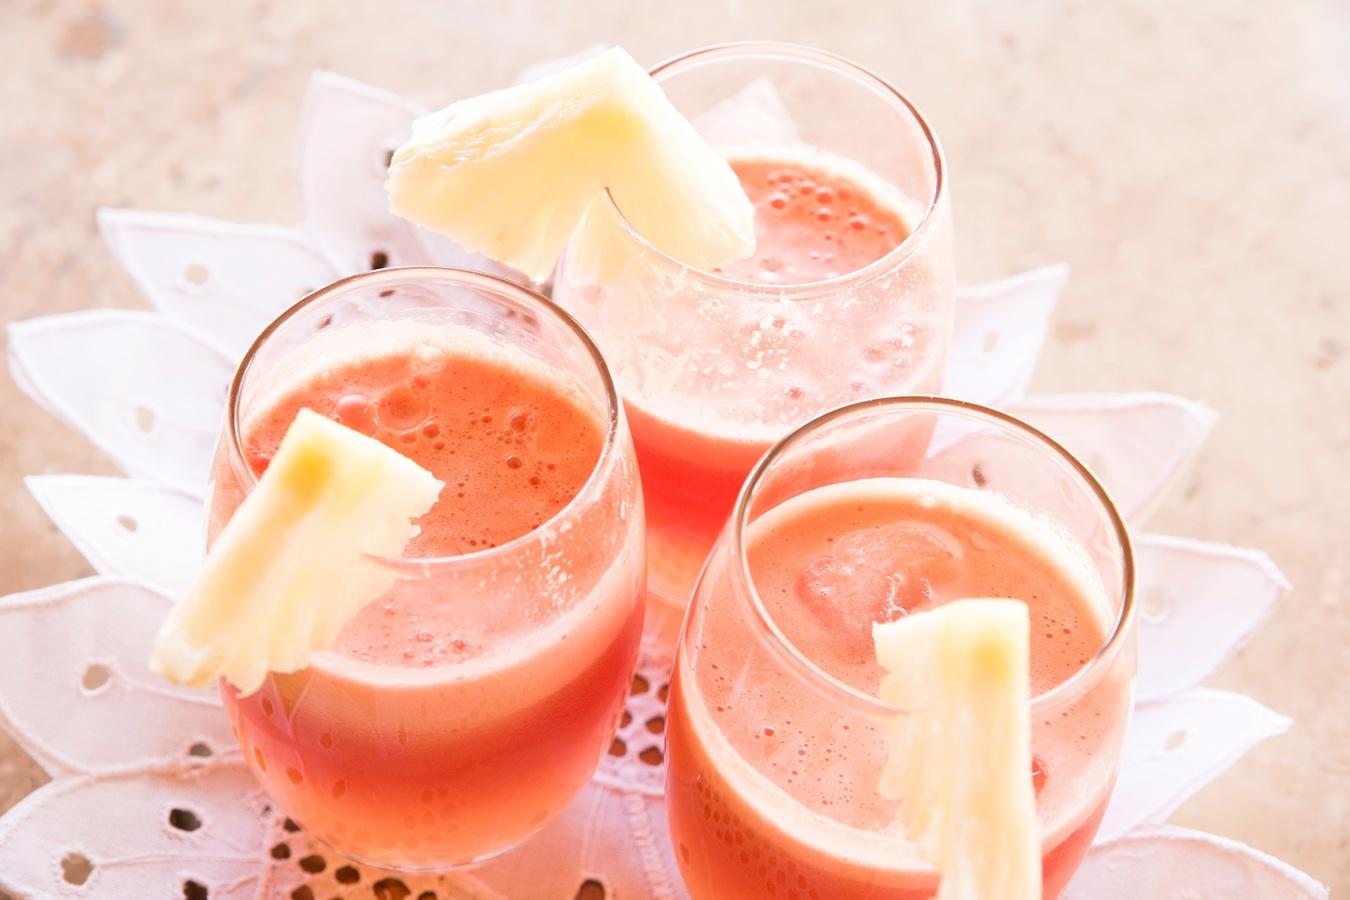 come-preparare-il-drink-alcolico-paloma